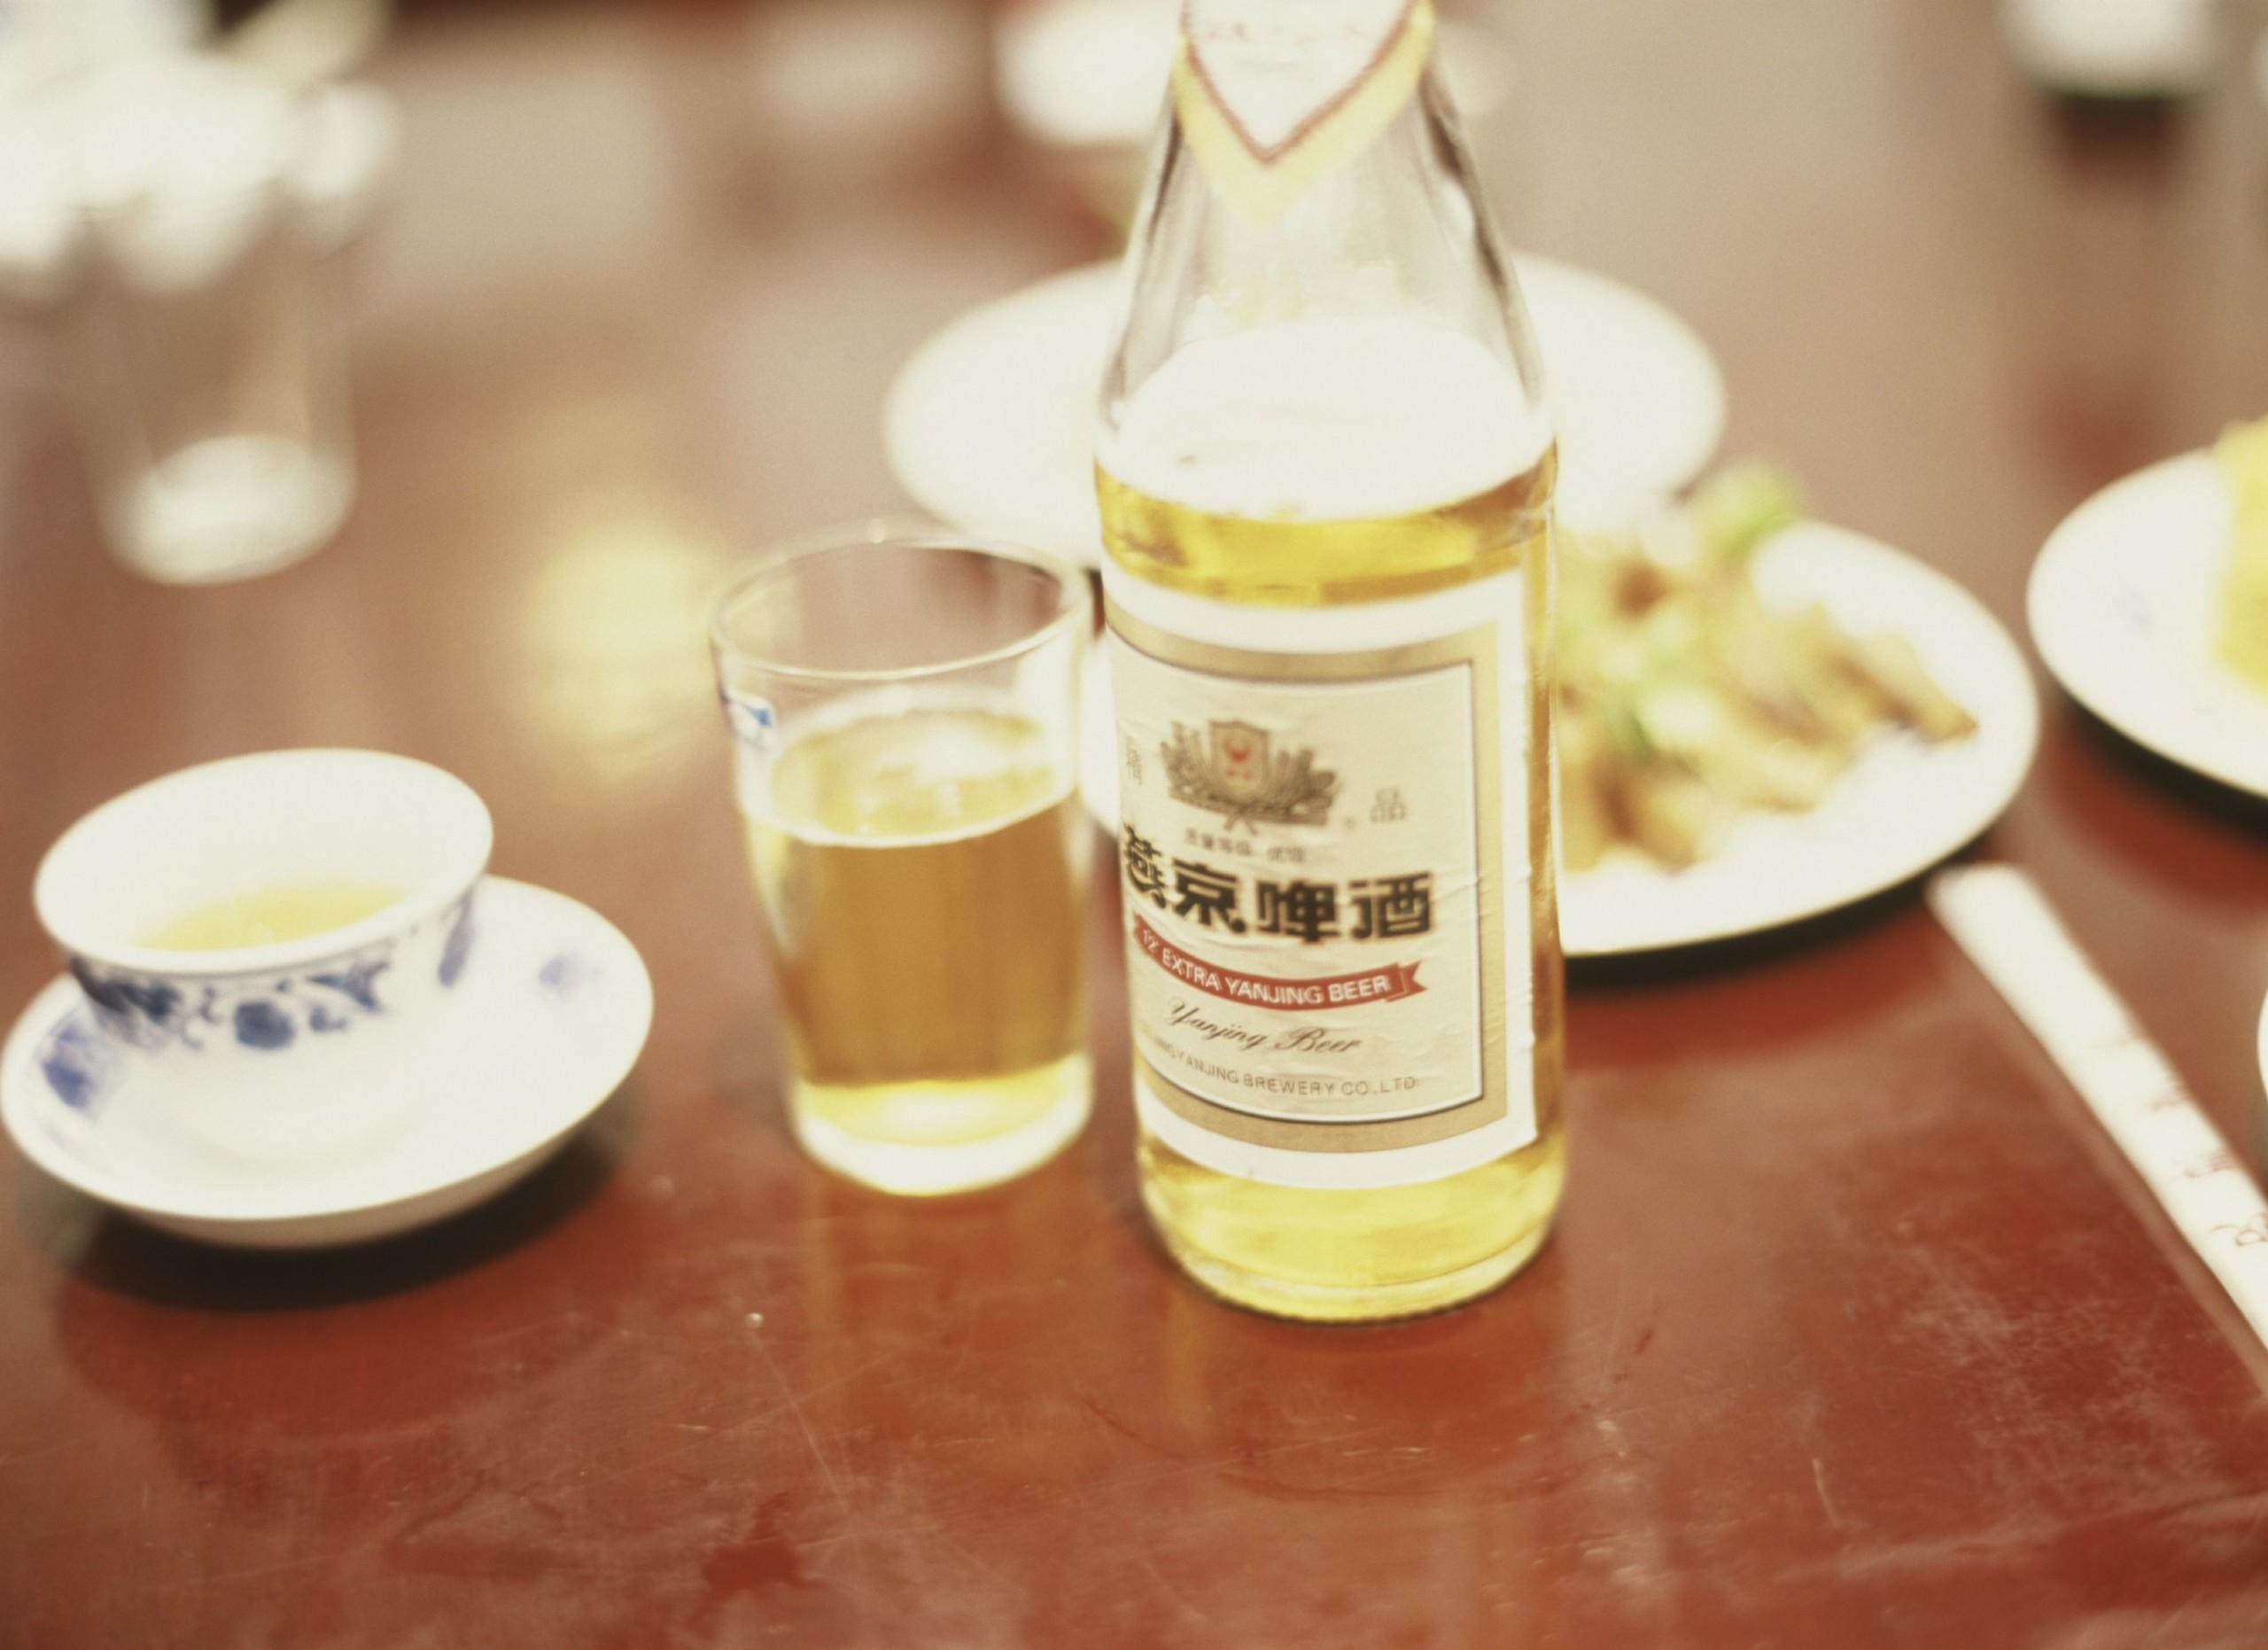 燕京啤酒董事长_燕京啤酒图片